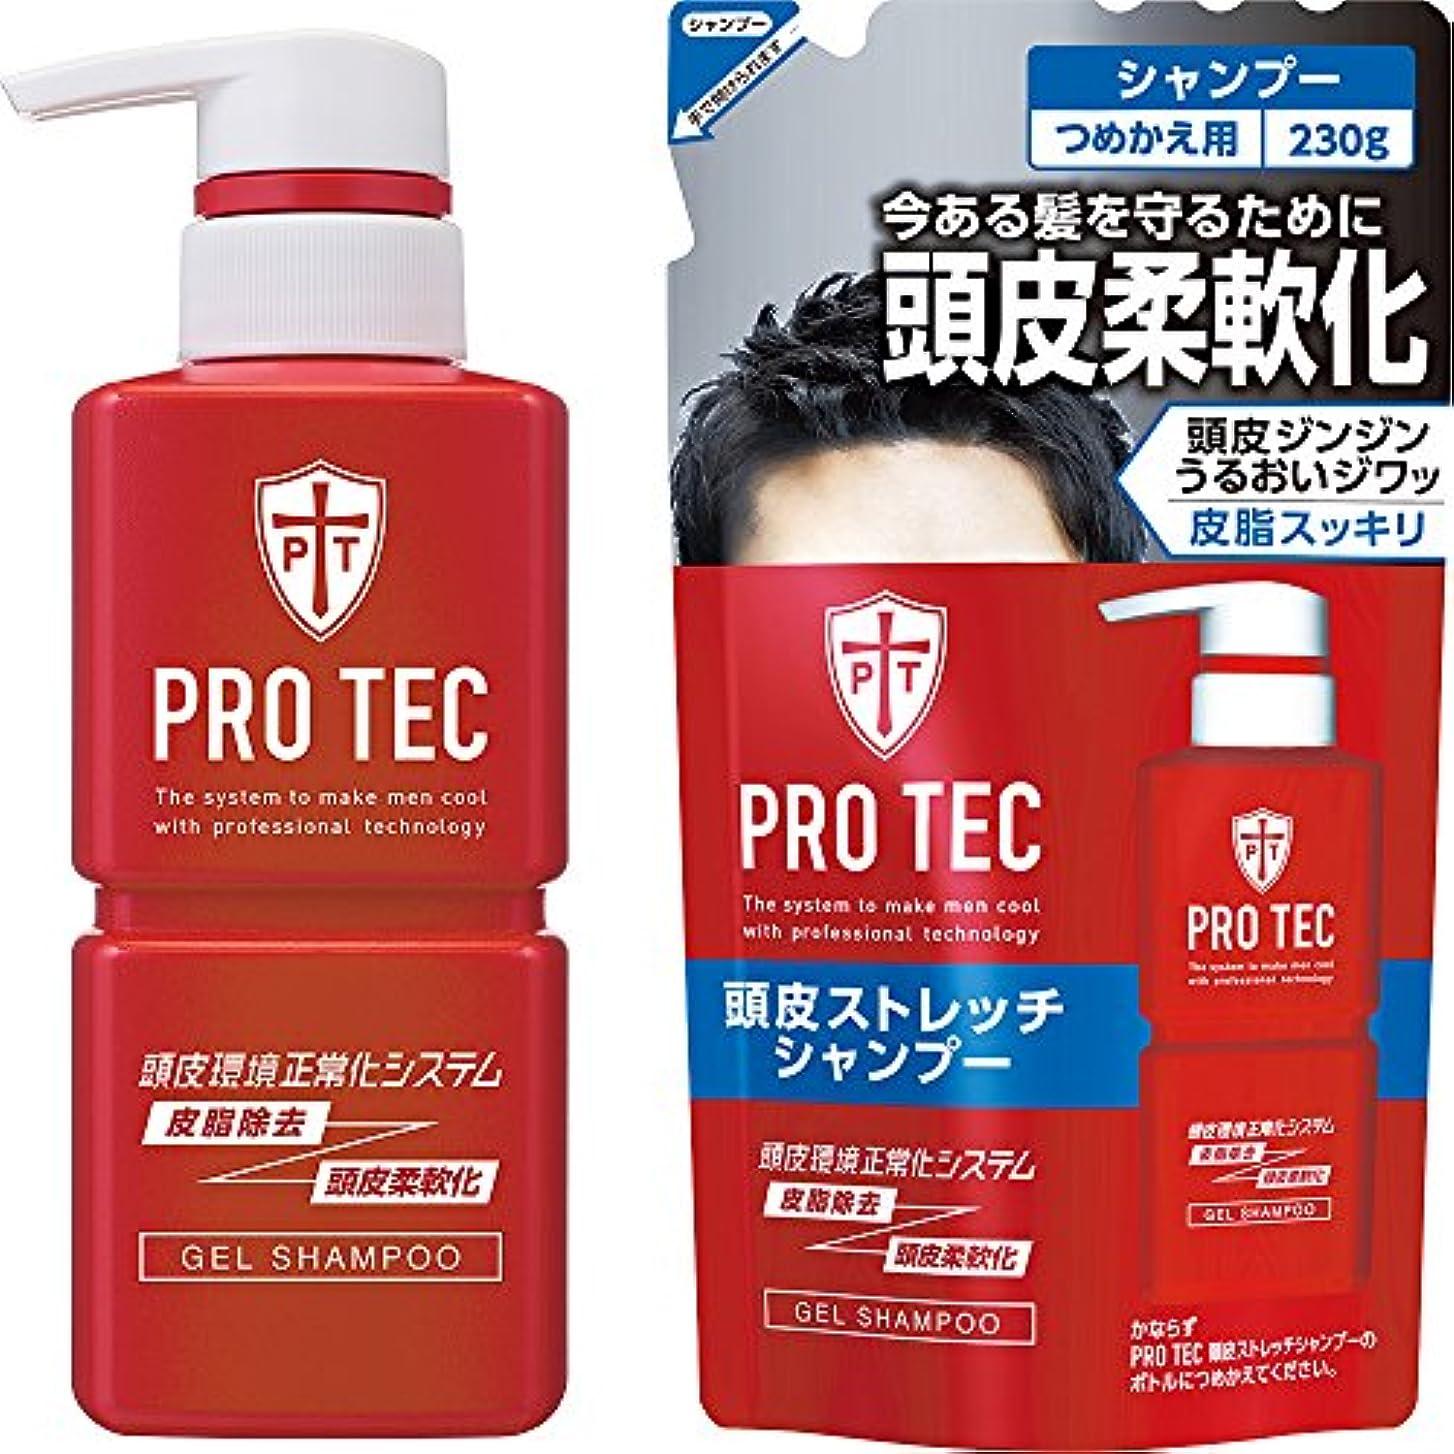 先行する雨先行するPRO TEC(プロテク) 頭皮ストレッチシャンプー 本体ポンプ300g+詰め替え230g セット(医薬部外品)